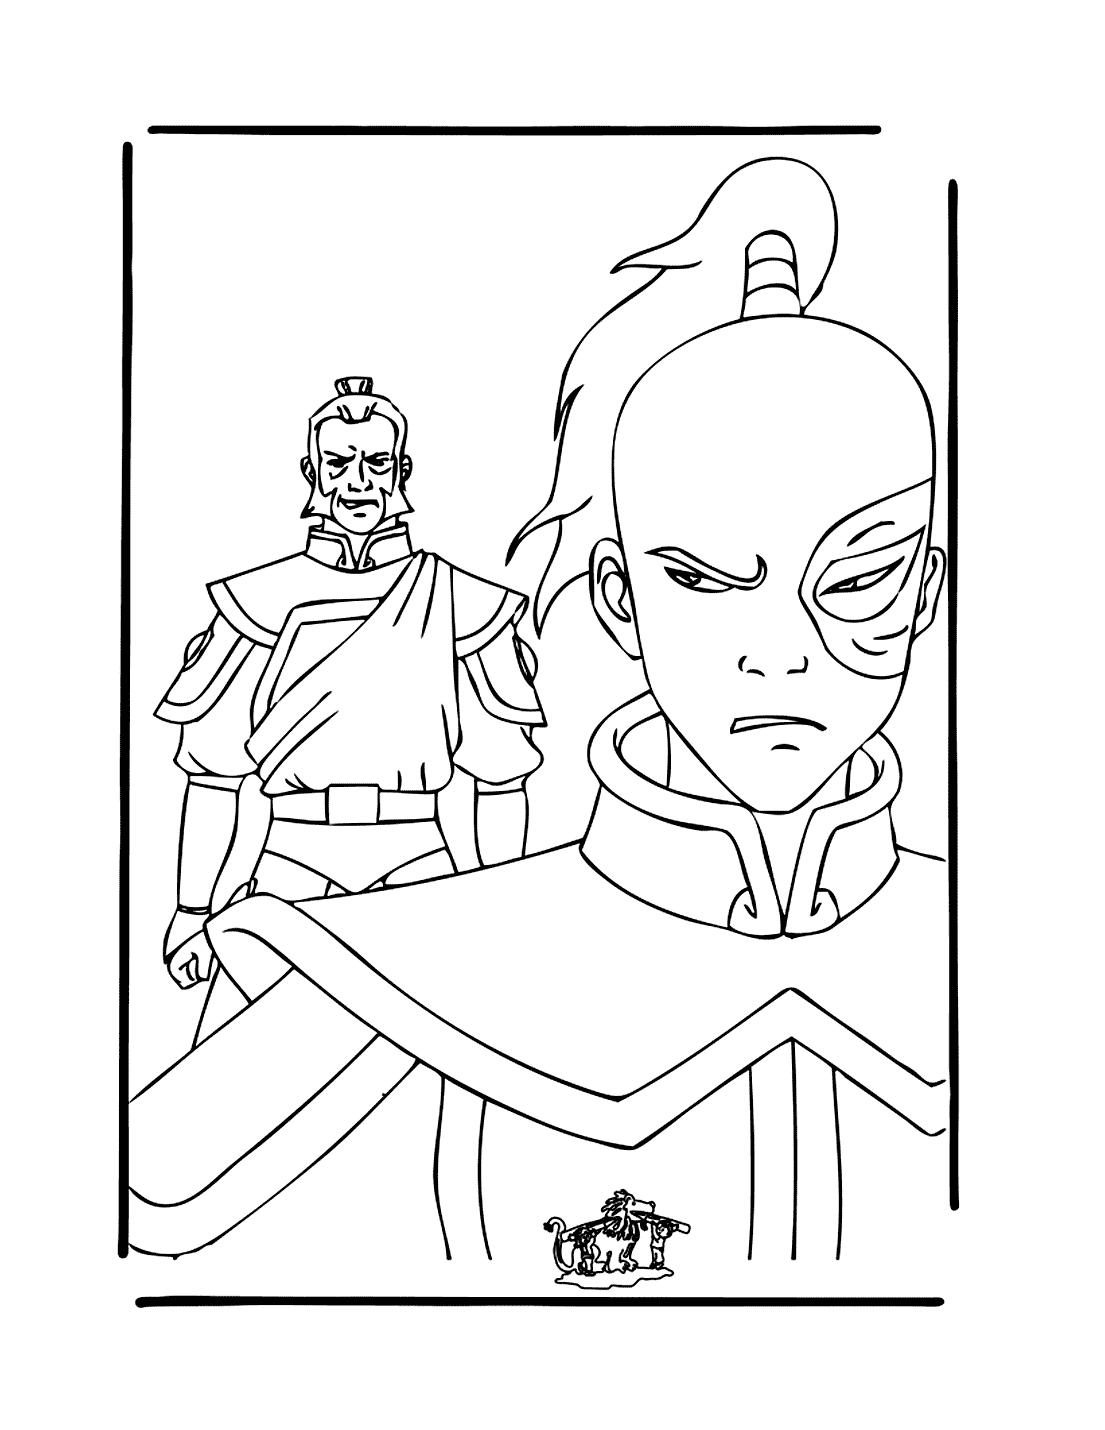 Prinze Zuko Avatar Coloring Page